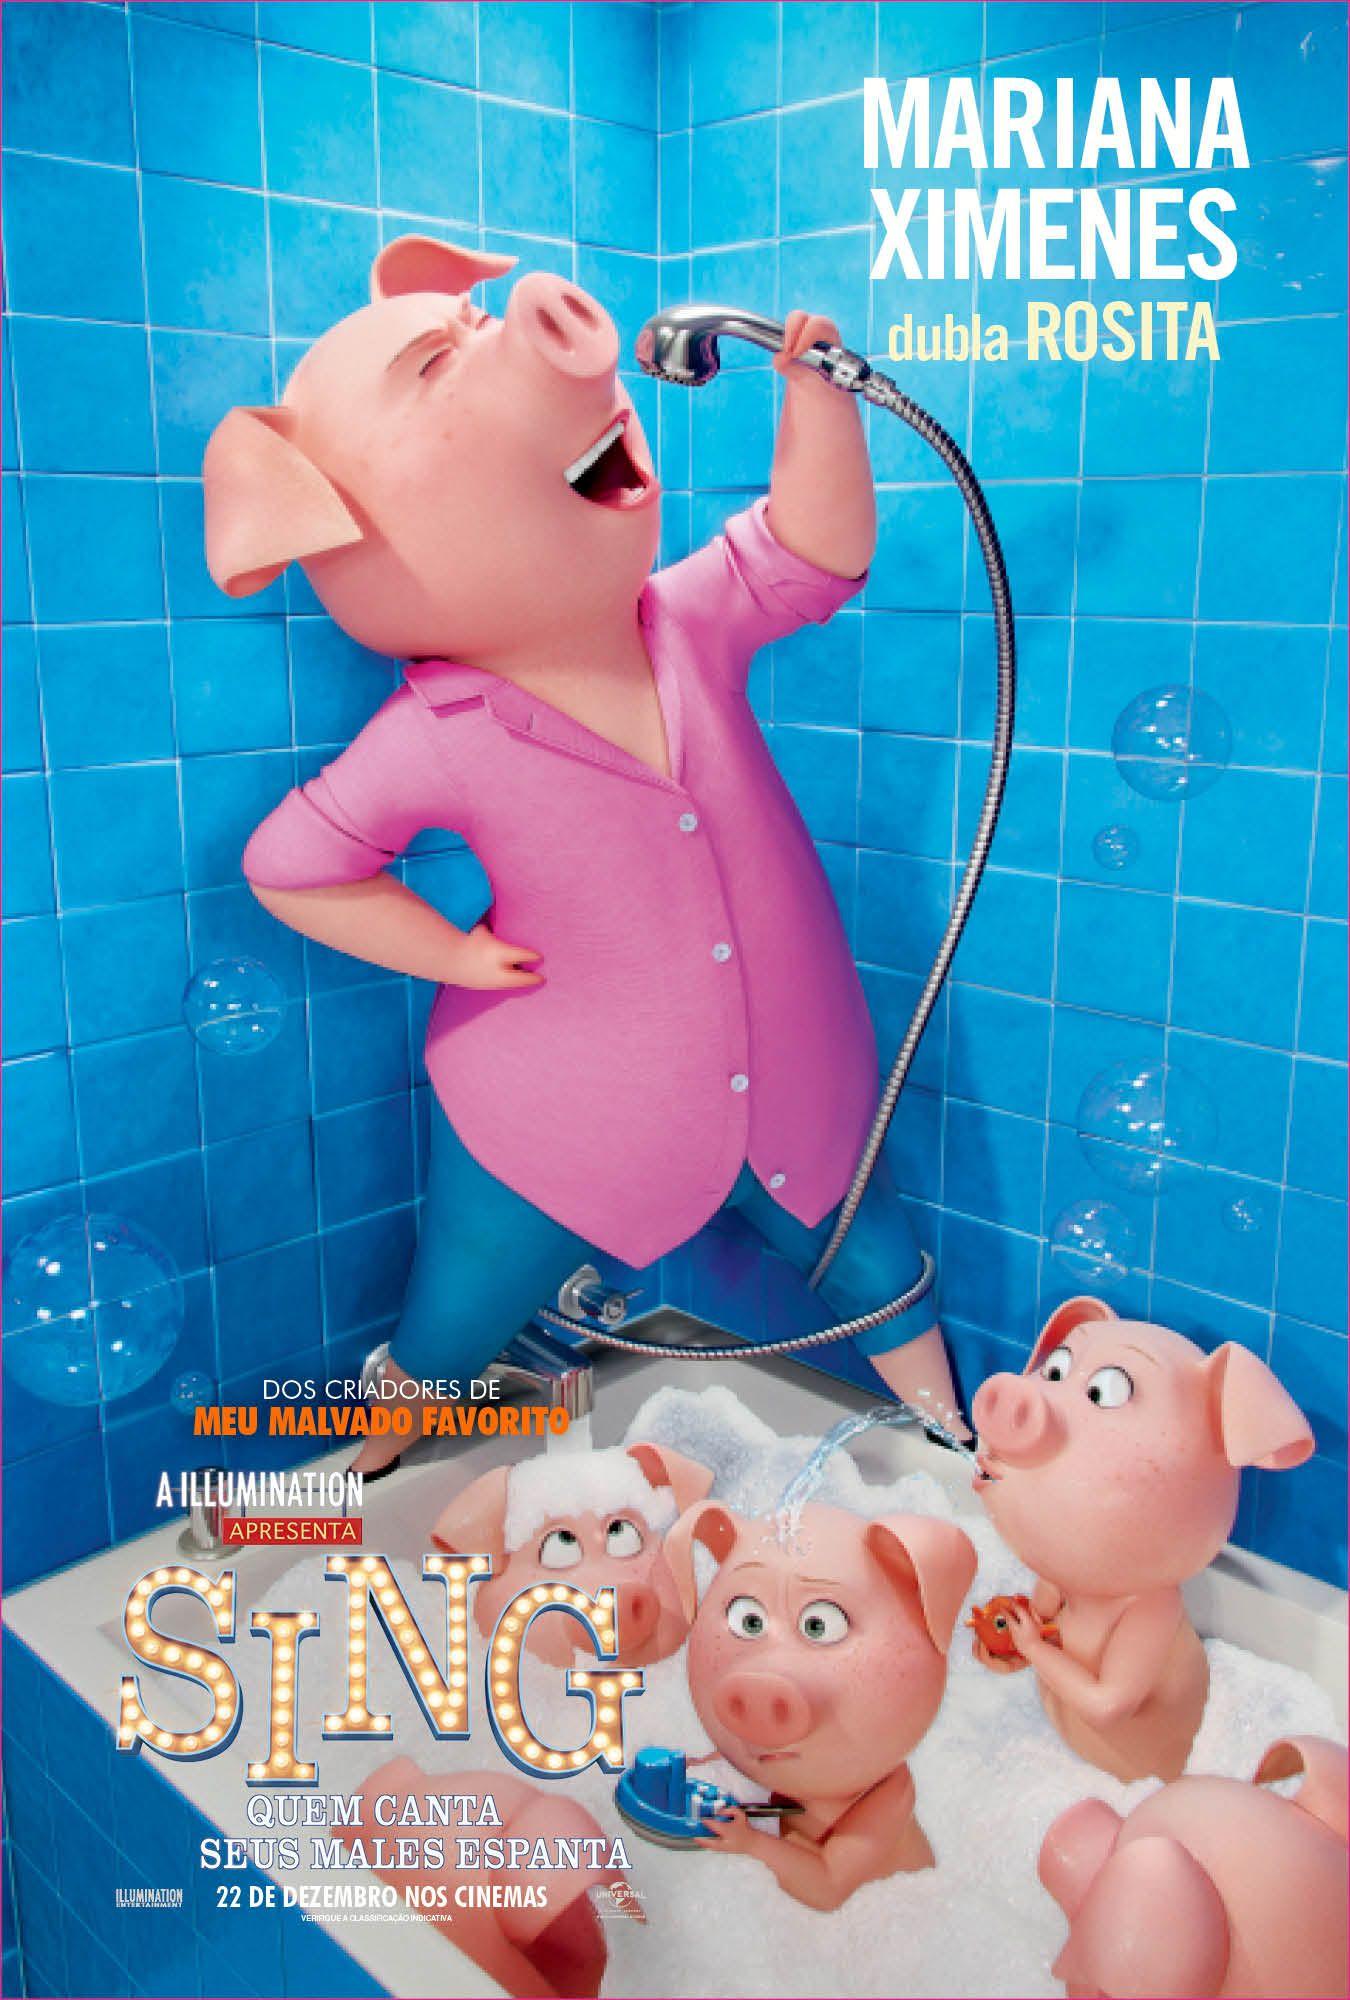 Mariana Ximenes Dubla Rosita Em Sing Quem Canta Seus Males Espanta 22 De Dezembro Nos Cinemas Filmes Pixar Capas De Filmes Netflix Filmes E Series